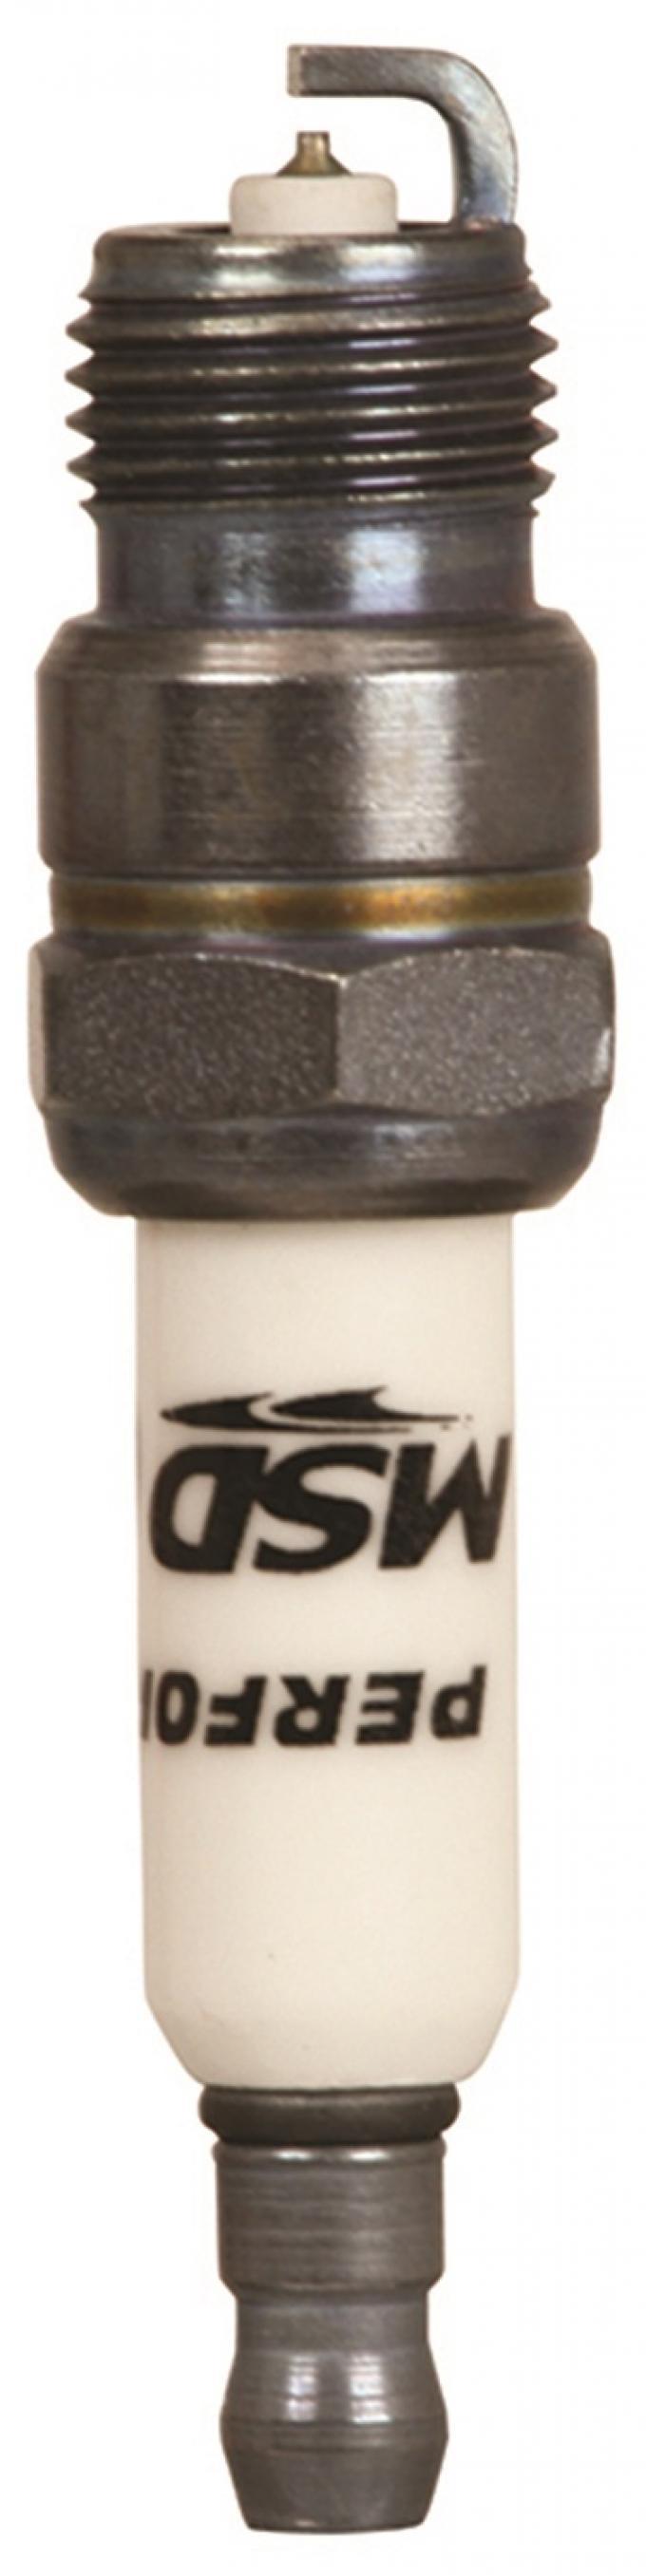 MSD Iridium Tip Spark Plug 3722